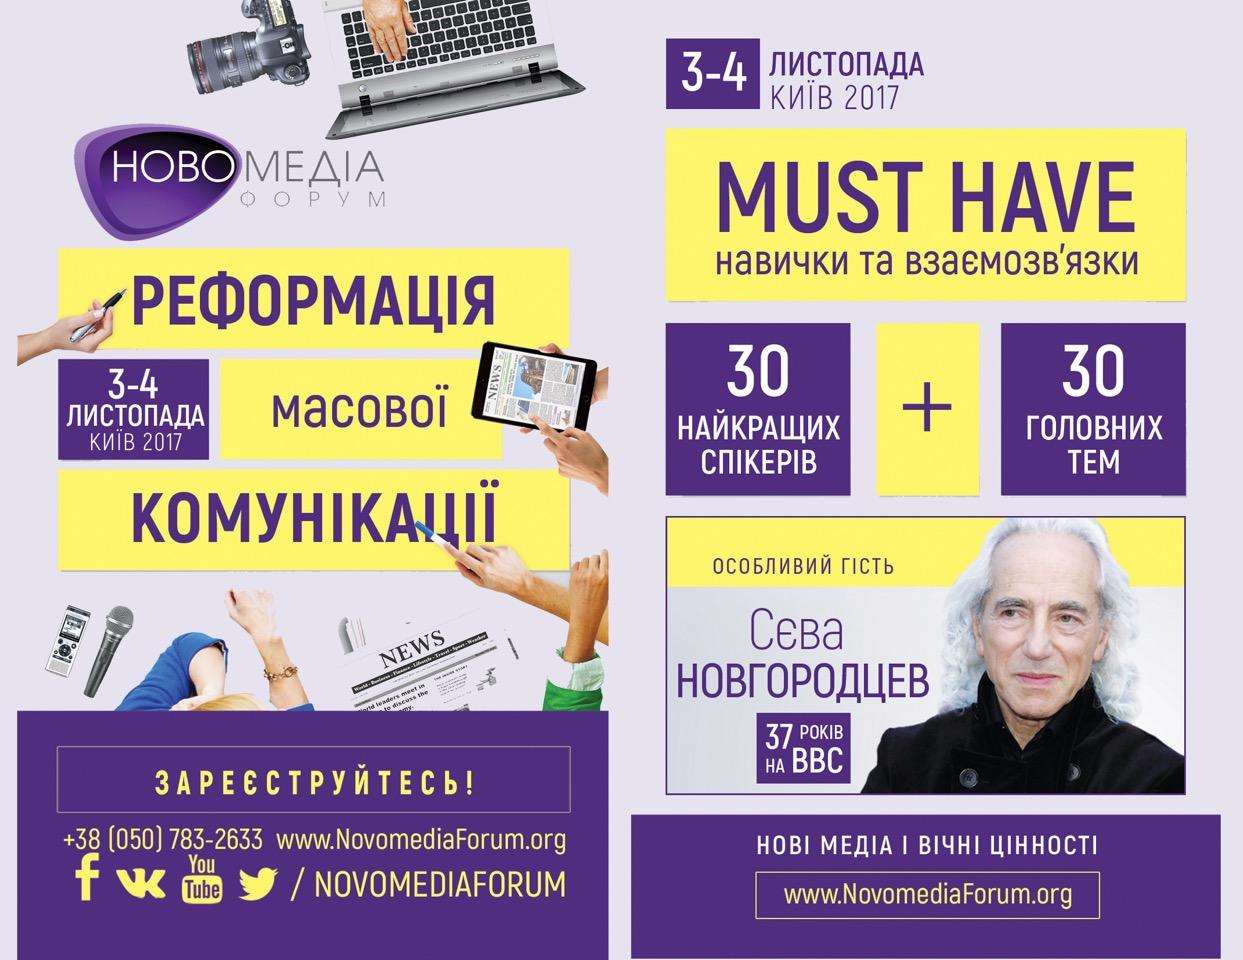 Новомедиа Форум: 30 спикеров, 30 тем и Сева Новгородцев